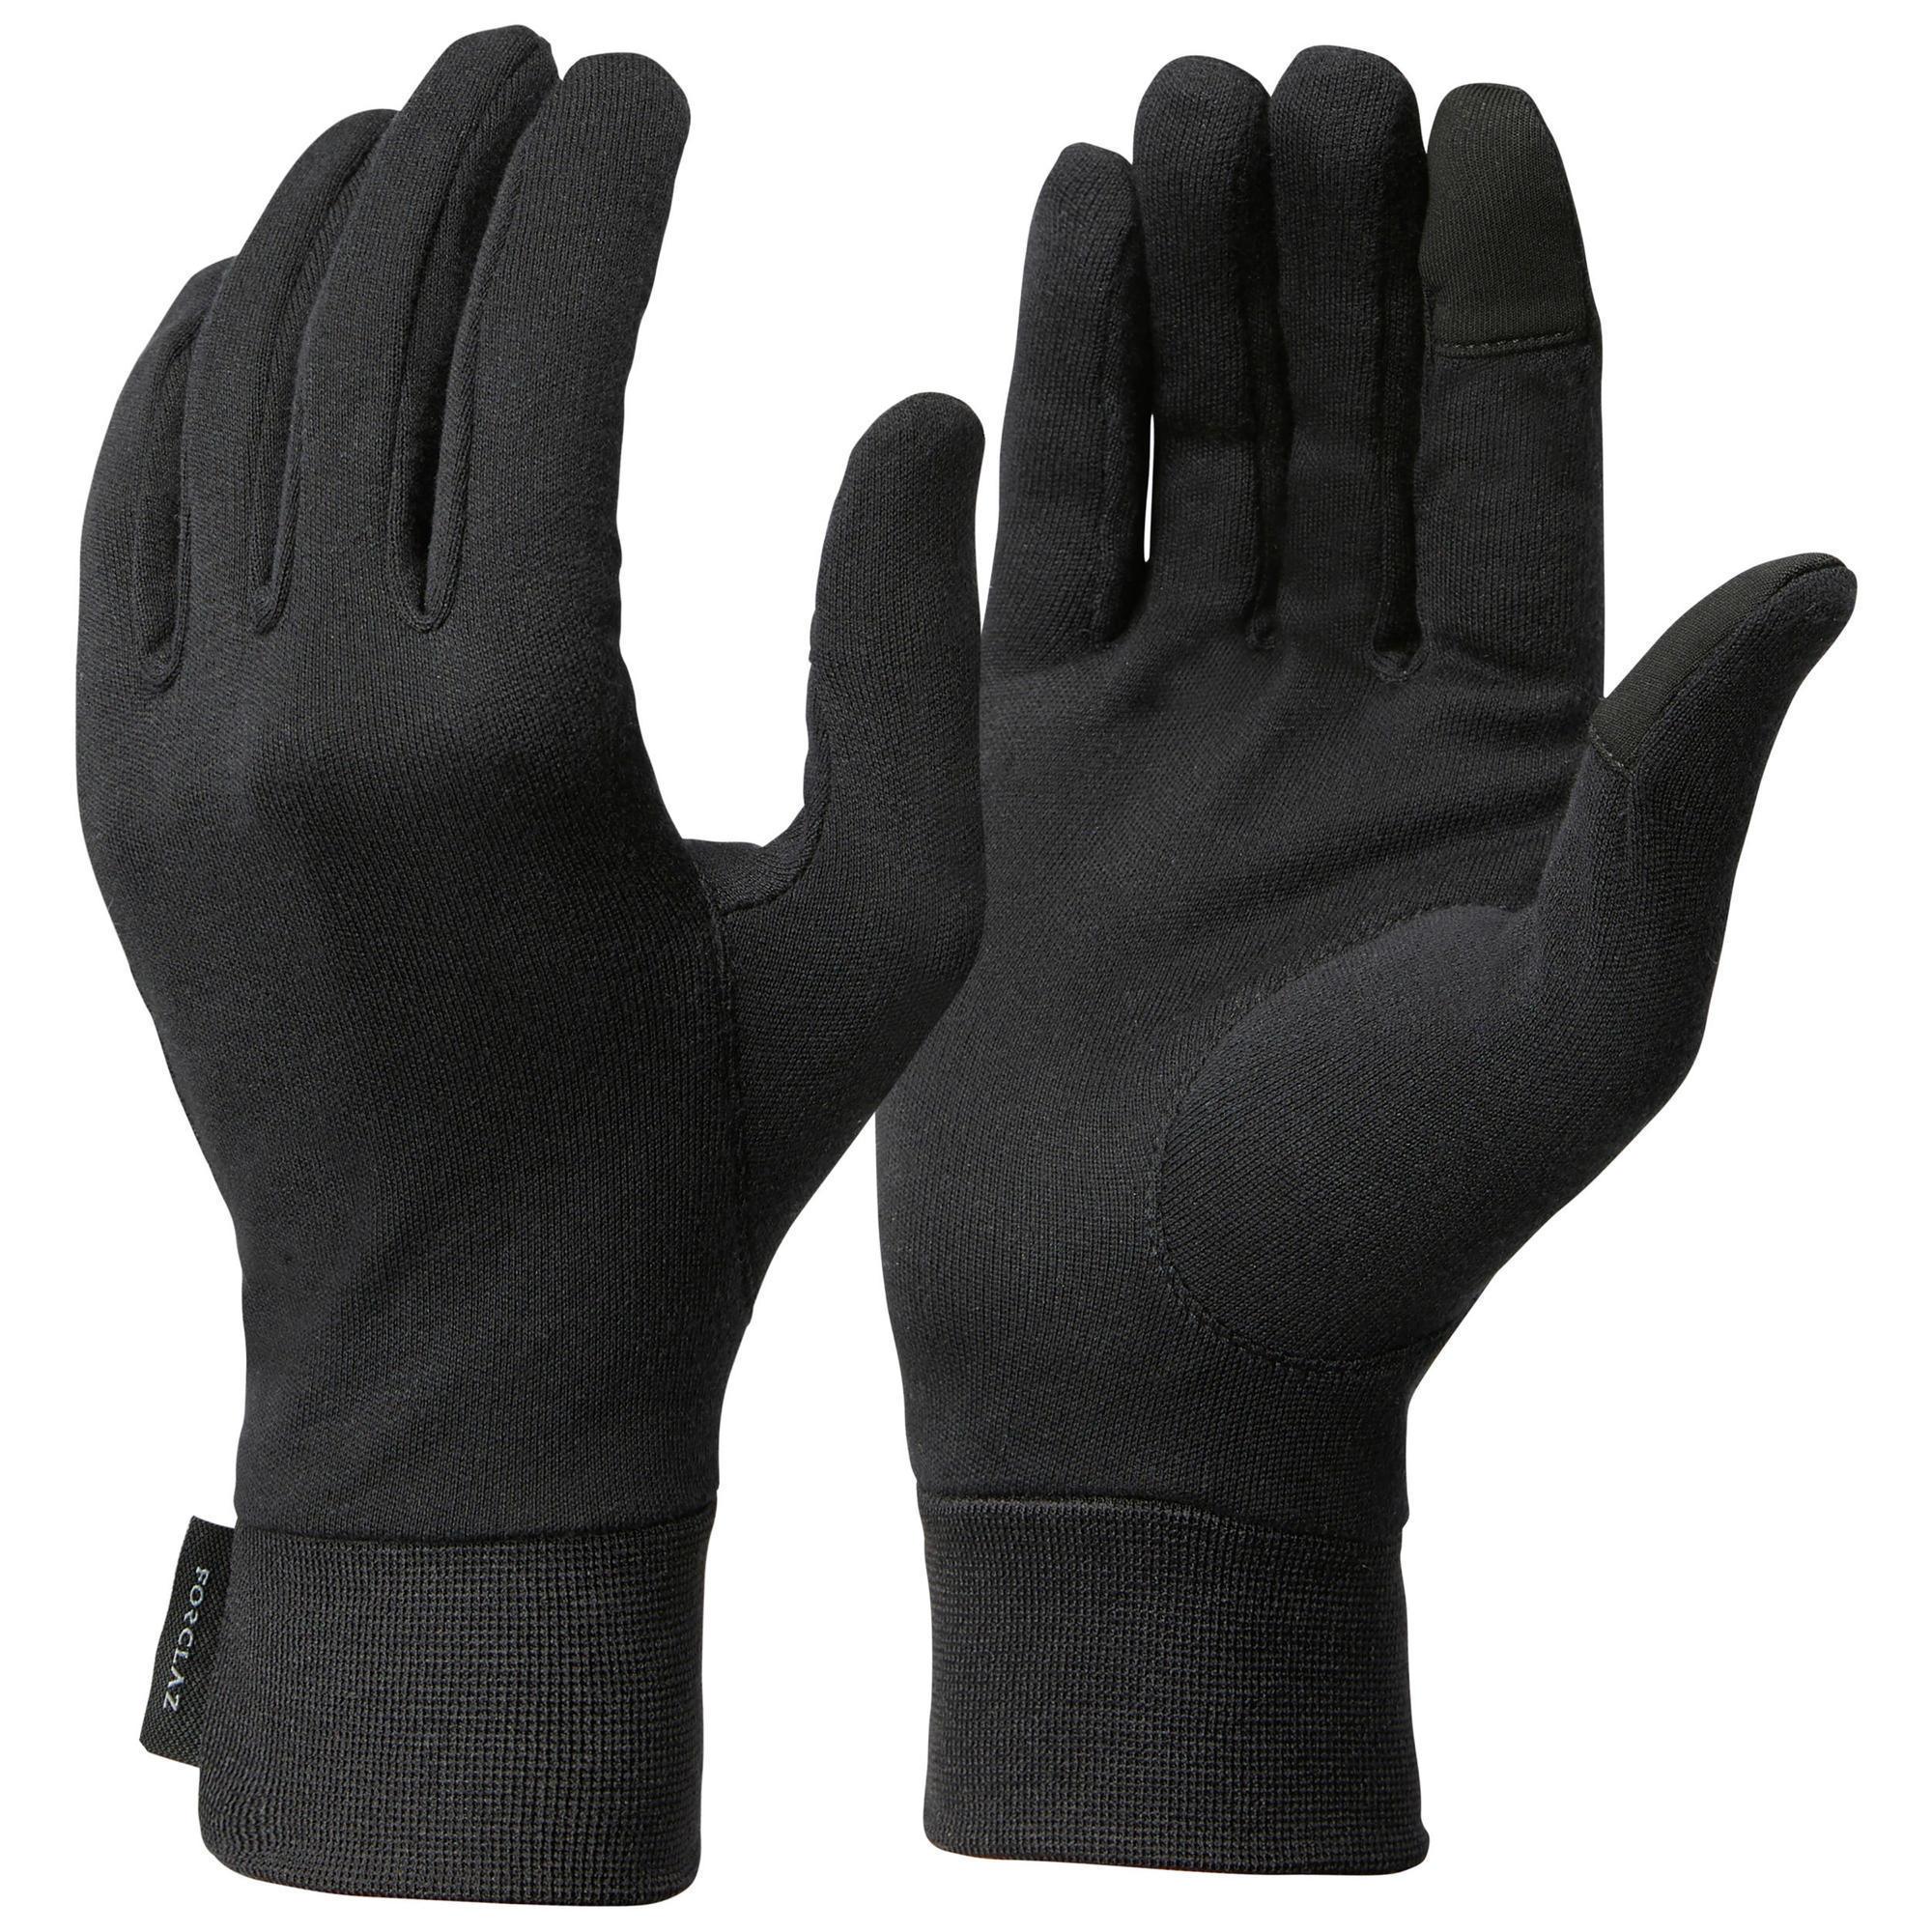 Unterziehhandschuhe Bergtrekking Trek 500 100% Seide Erwachsene | Accessoires > Handschuhe | Forclaz